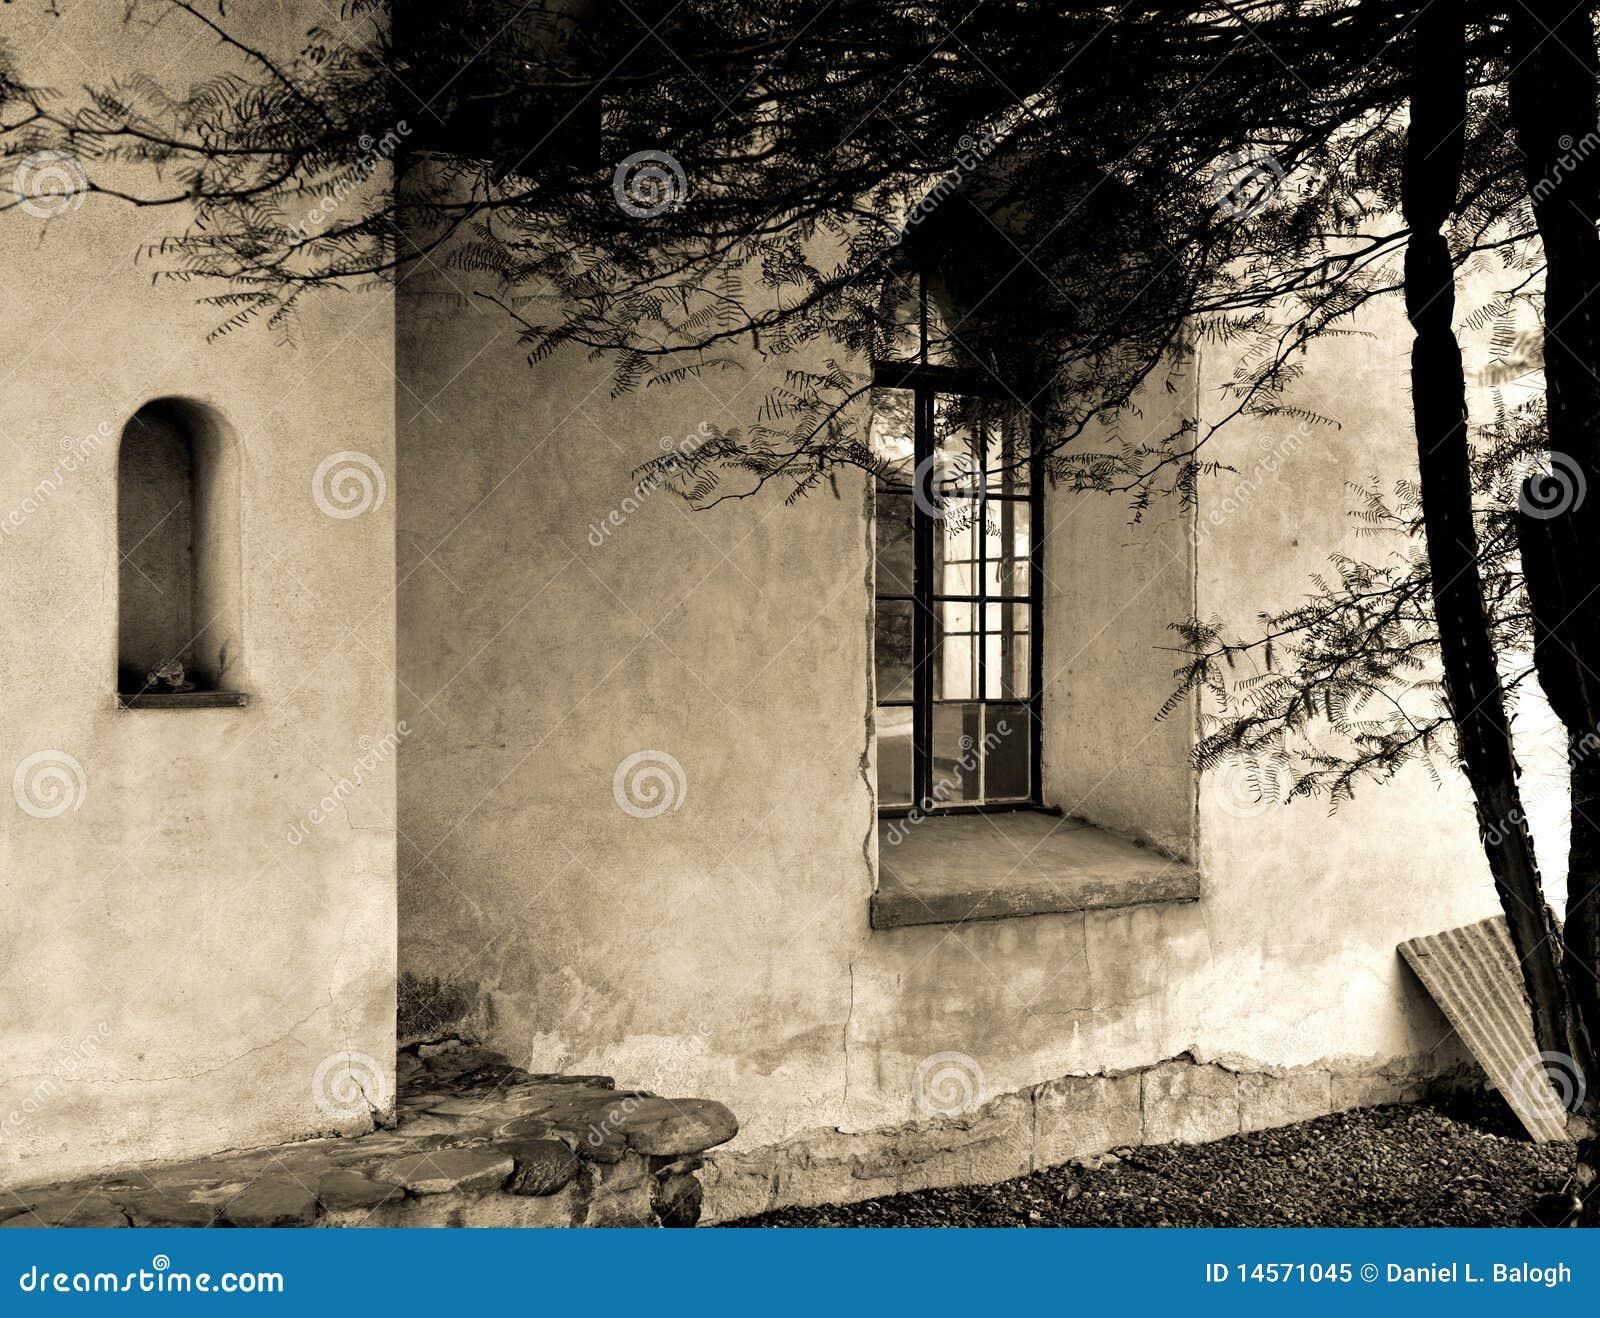 Case del adobe in arizona immagine stock immagine di for Case in stile adobe